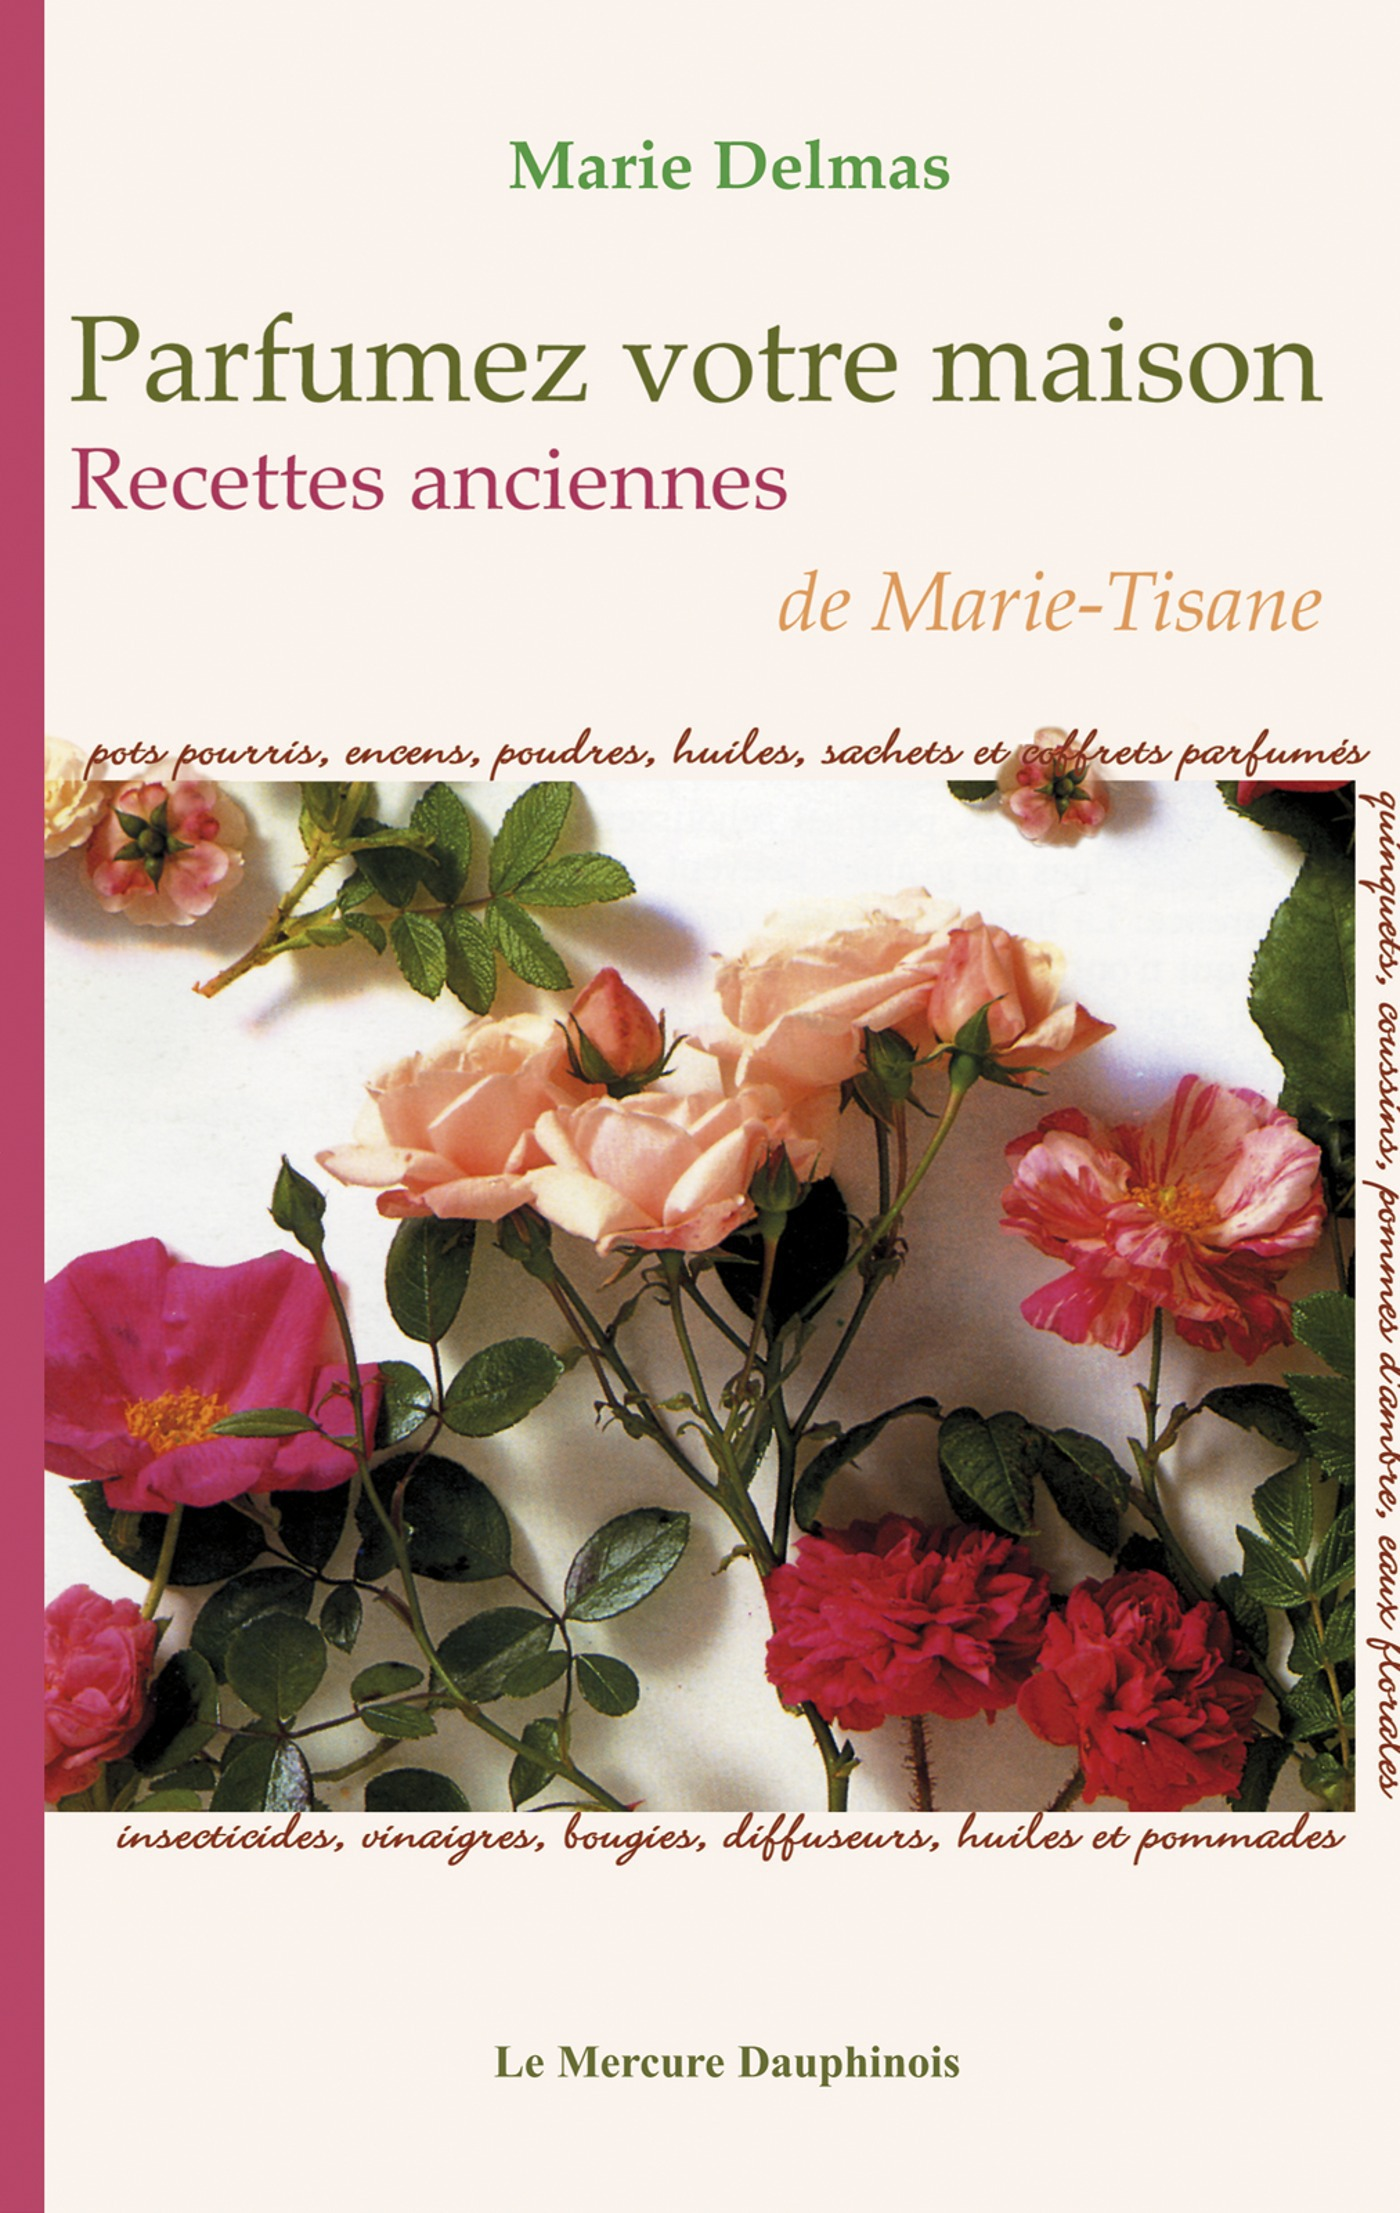 Parfumez votre maison  - Marie Delmas